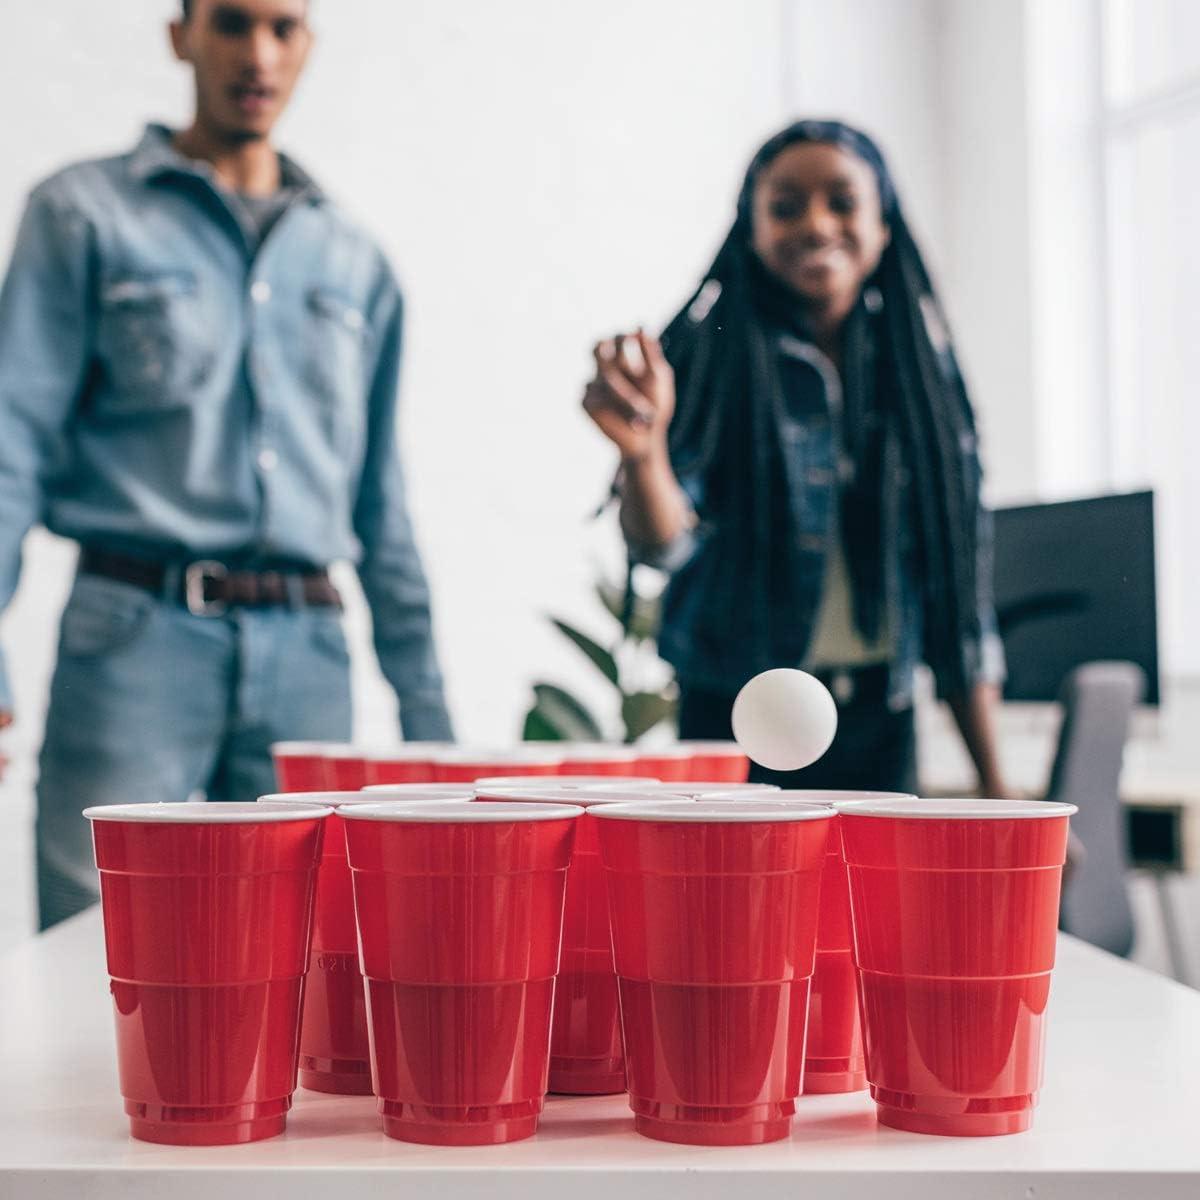 Trinkbecher 473ml 16oz 6 B/älle in Wei/ß 100 St/ück rote Plastikbecher inkl Navaris Beer Pong Becher Set mit B/ällen Trinkspiel Partybecher